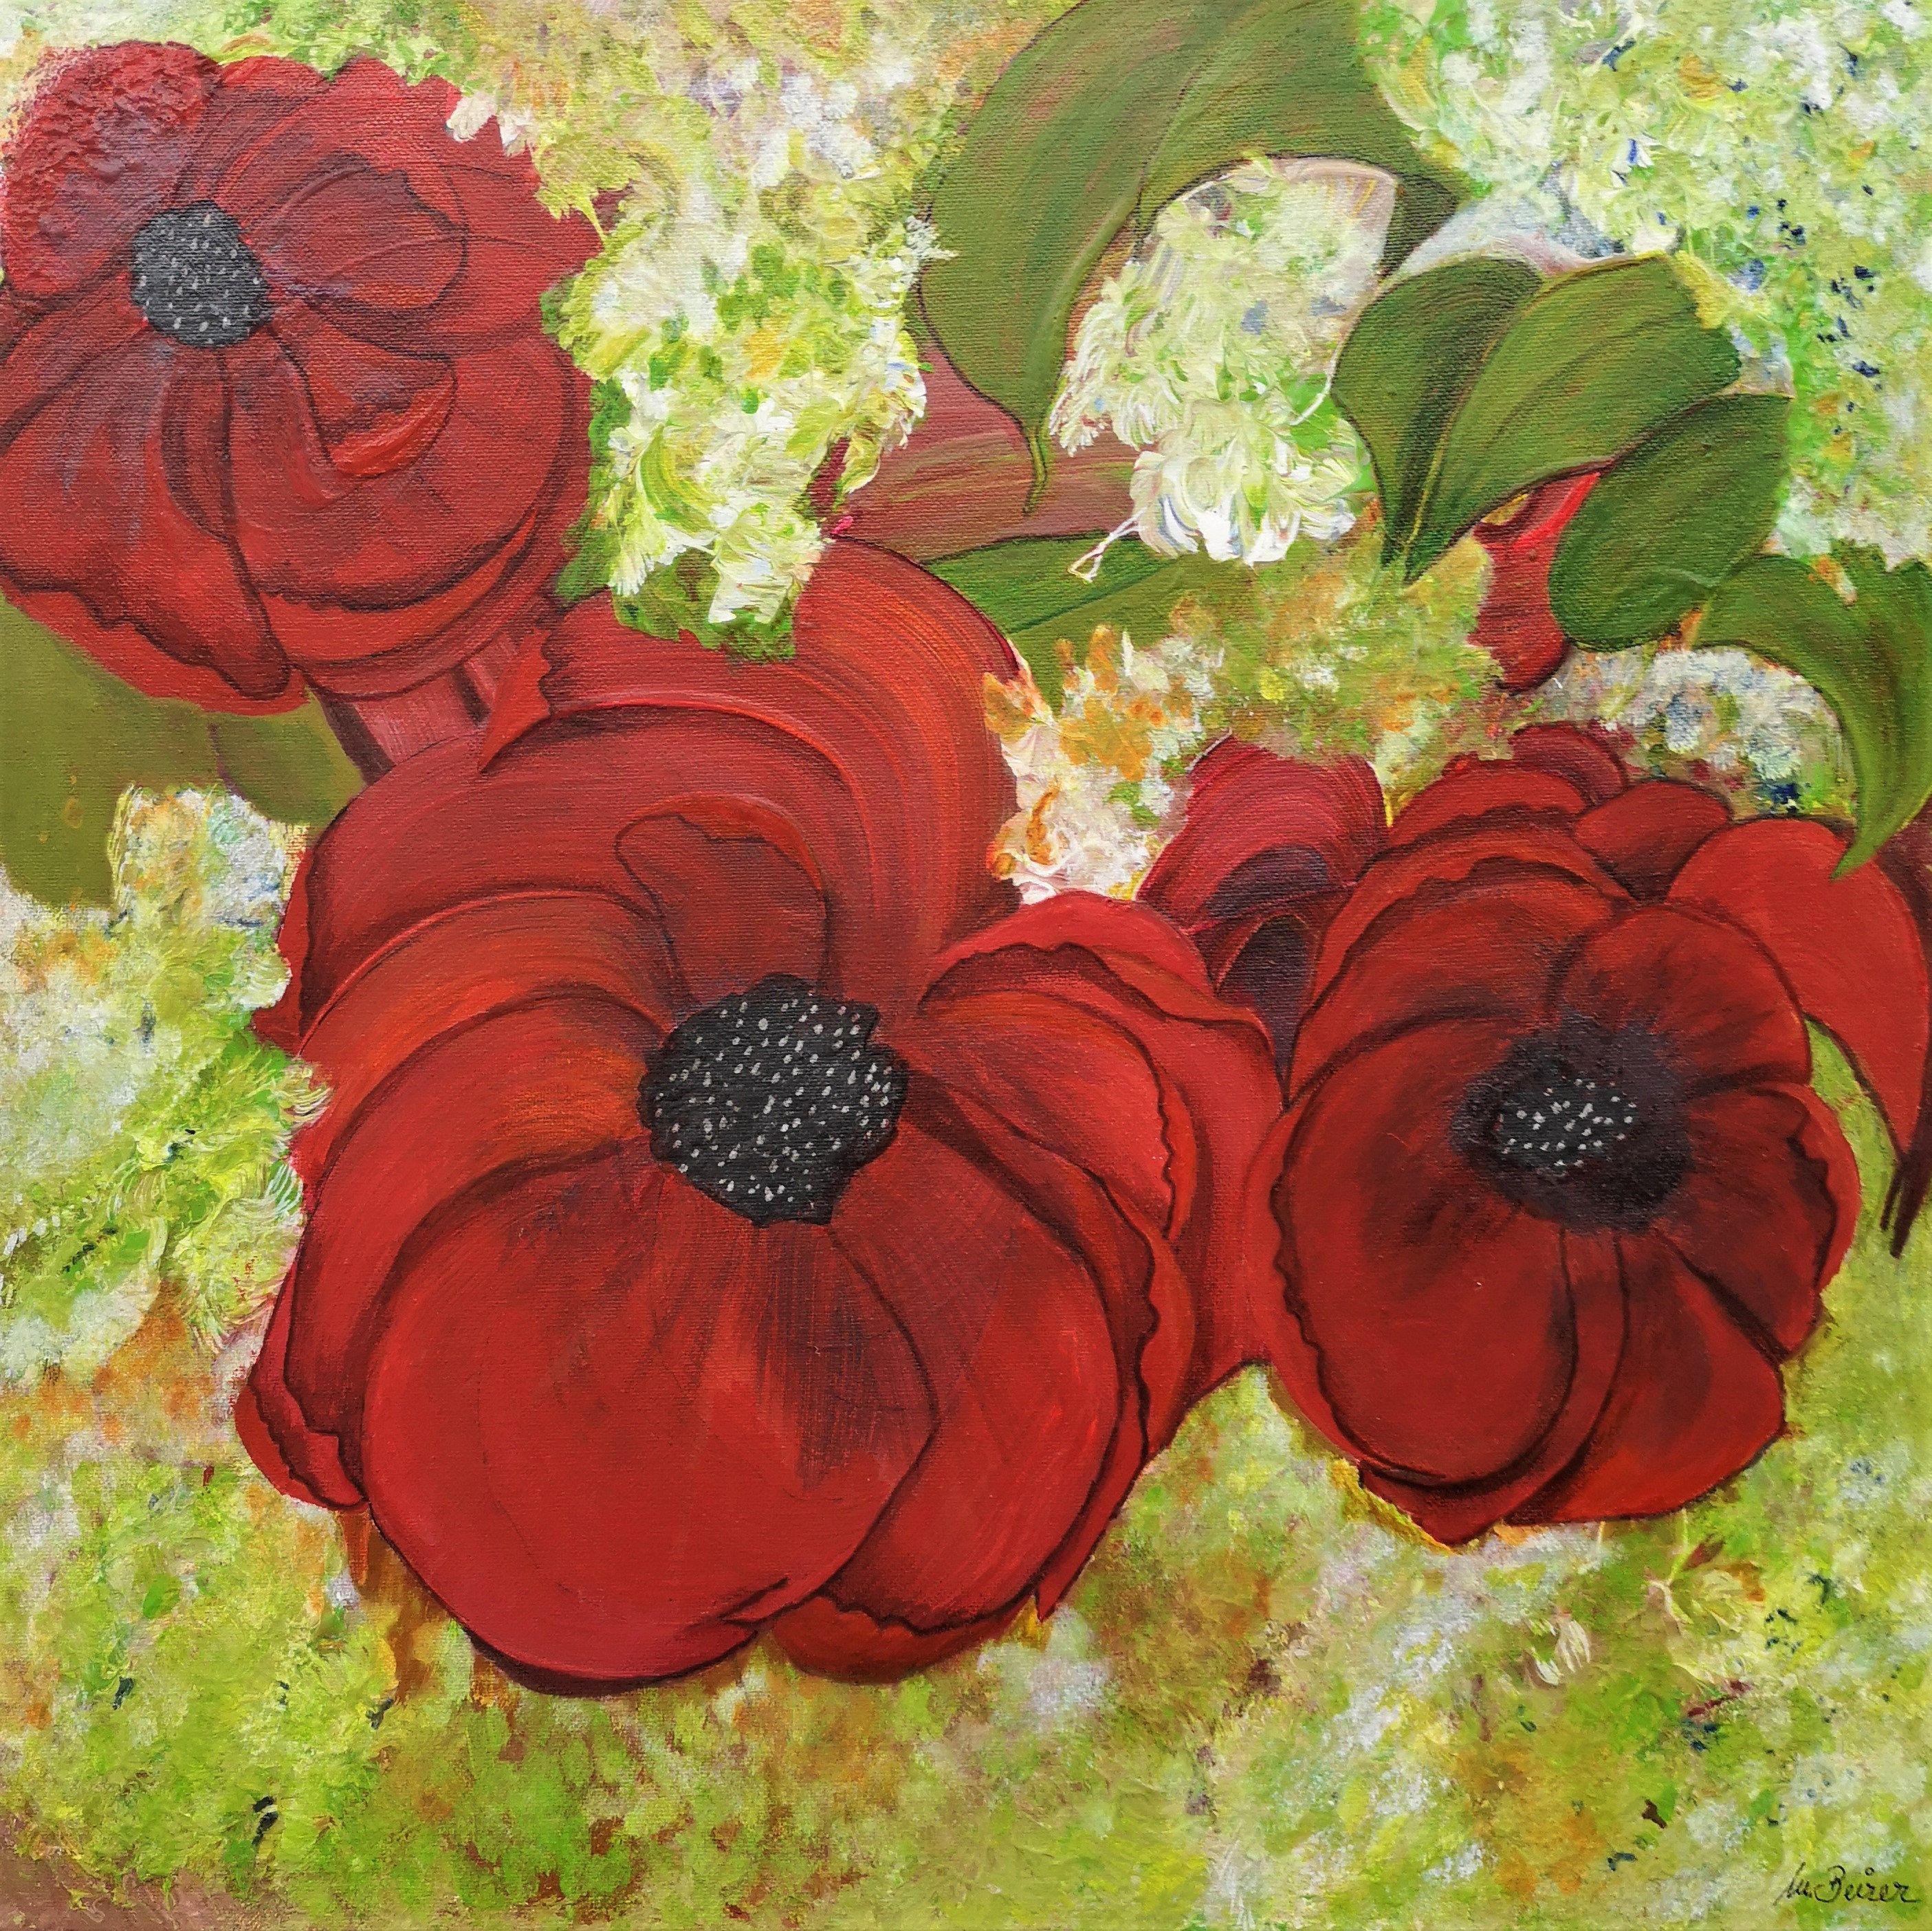 Mohnblumen 3 Acryl Auf Leinwand Keilrahmen 50 X 50 Cm Mit Firnis Geschutzt Handarbeit Aus Bayern Natur Blumen Mohn Bluten In 2020 Keilrahmen Mohnblume Handarbeit